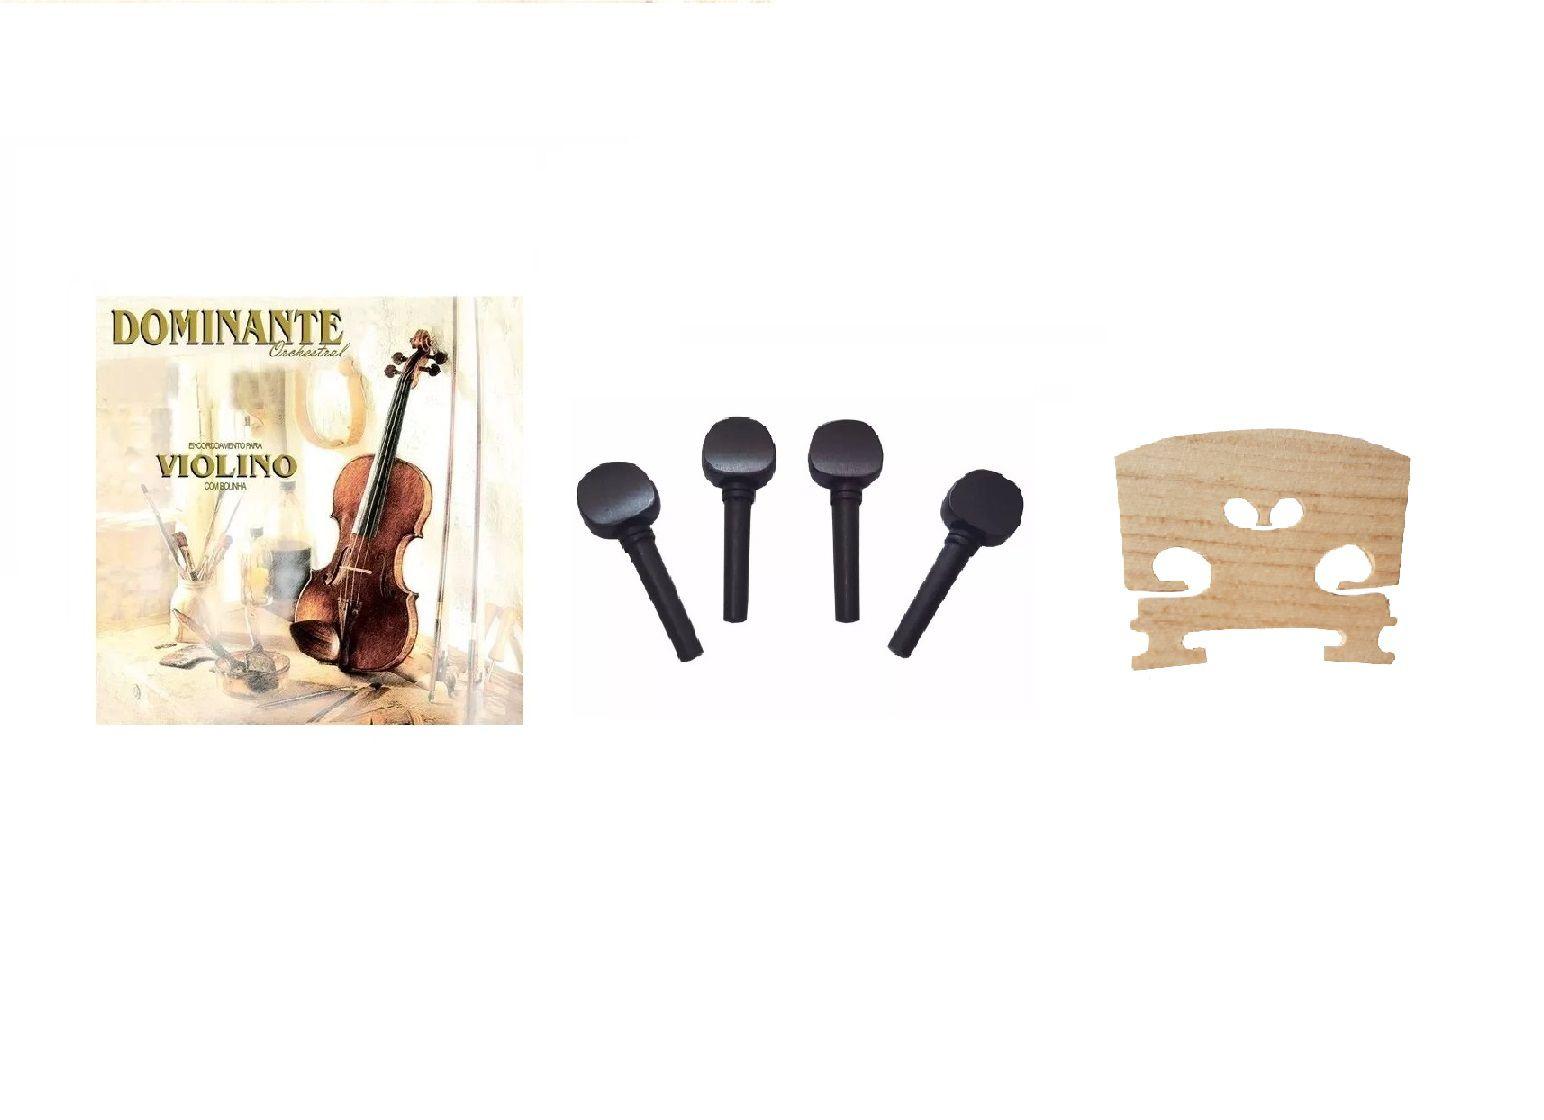 Kit Cordas Violino Dominante + Cavalete + 4 Cravelhas 4/4